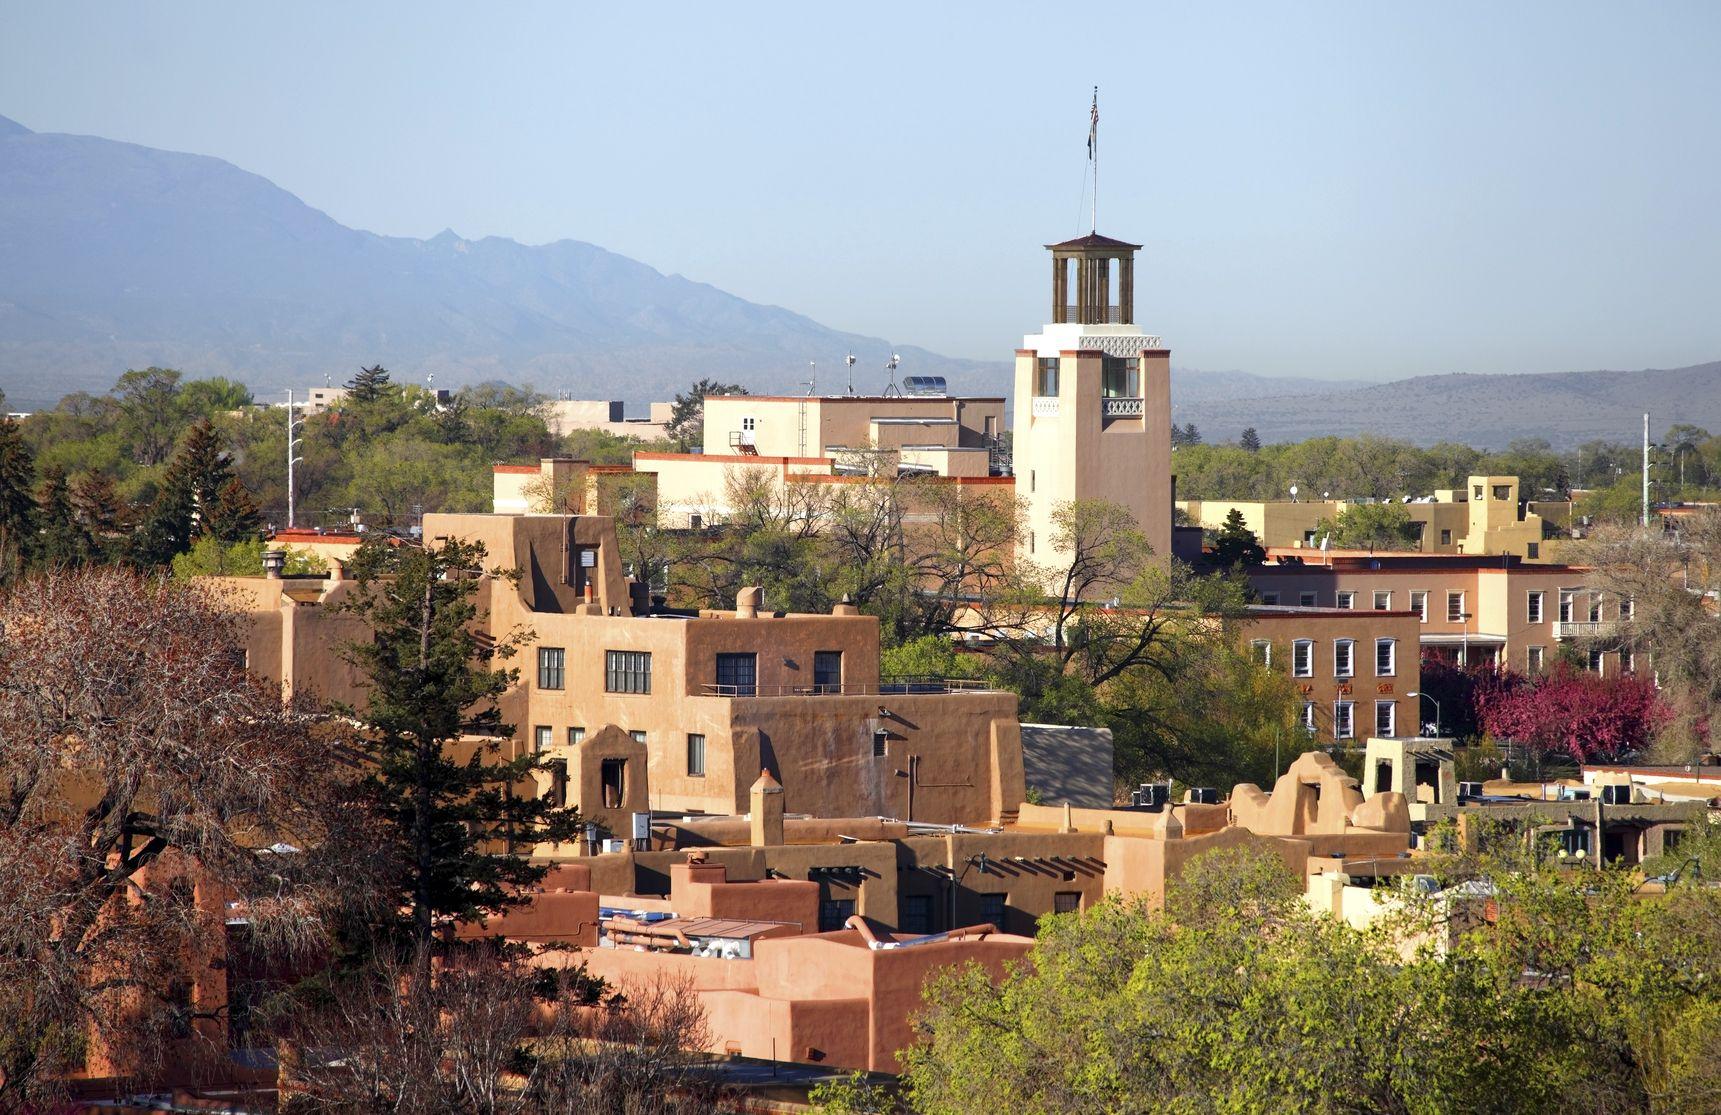 """Når du kommer til Santa Fe, føler du dig hensat til en anden verden. Her er gaderne ikke snorlige, og arkitektonisk fremstår byen meget anderledes end mange andre byer i USA, og faktisk er byen kendt som """"City Different""""."""